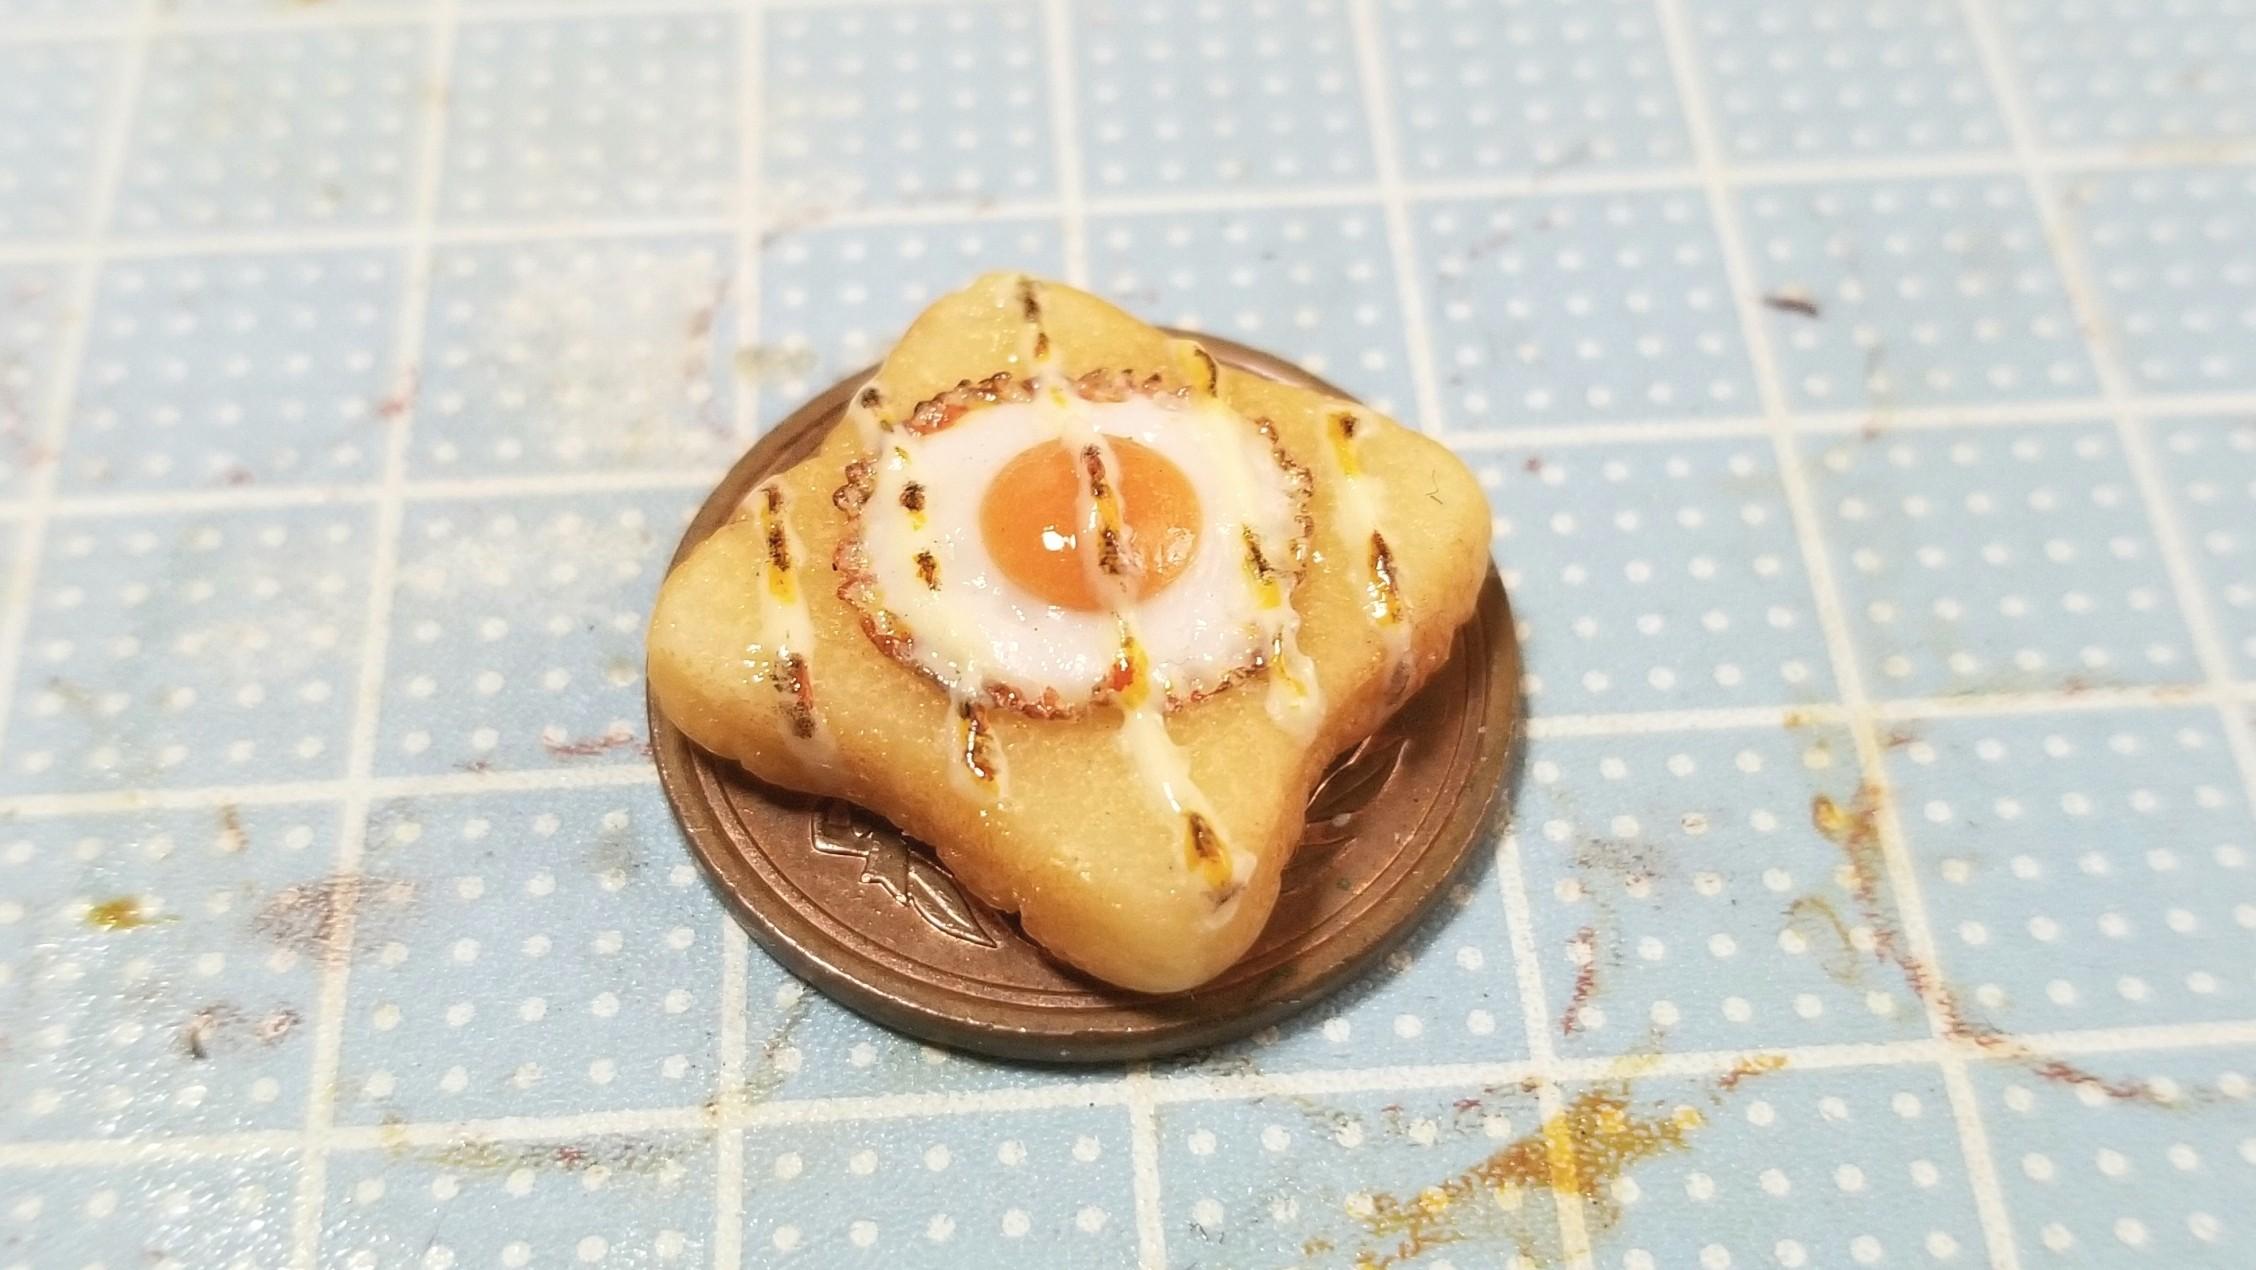 おいしい食パン,ラピュタパン,かわいい小物,おすすめ,美味しそう玩具